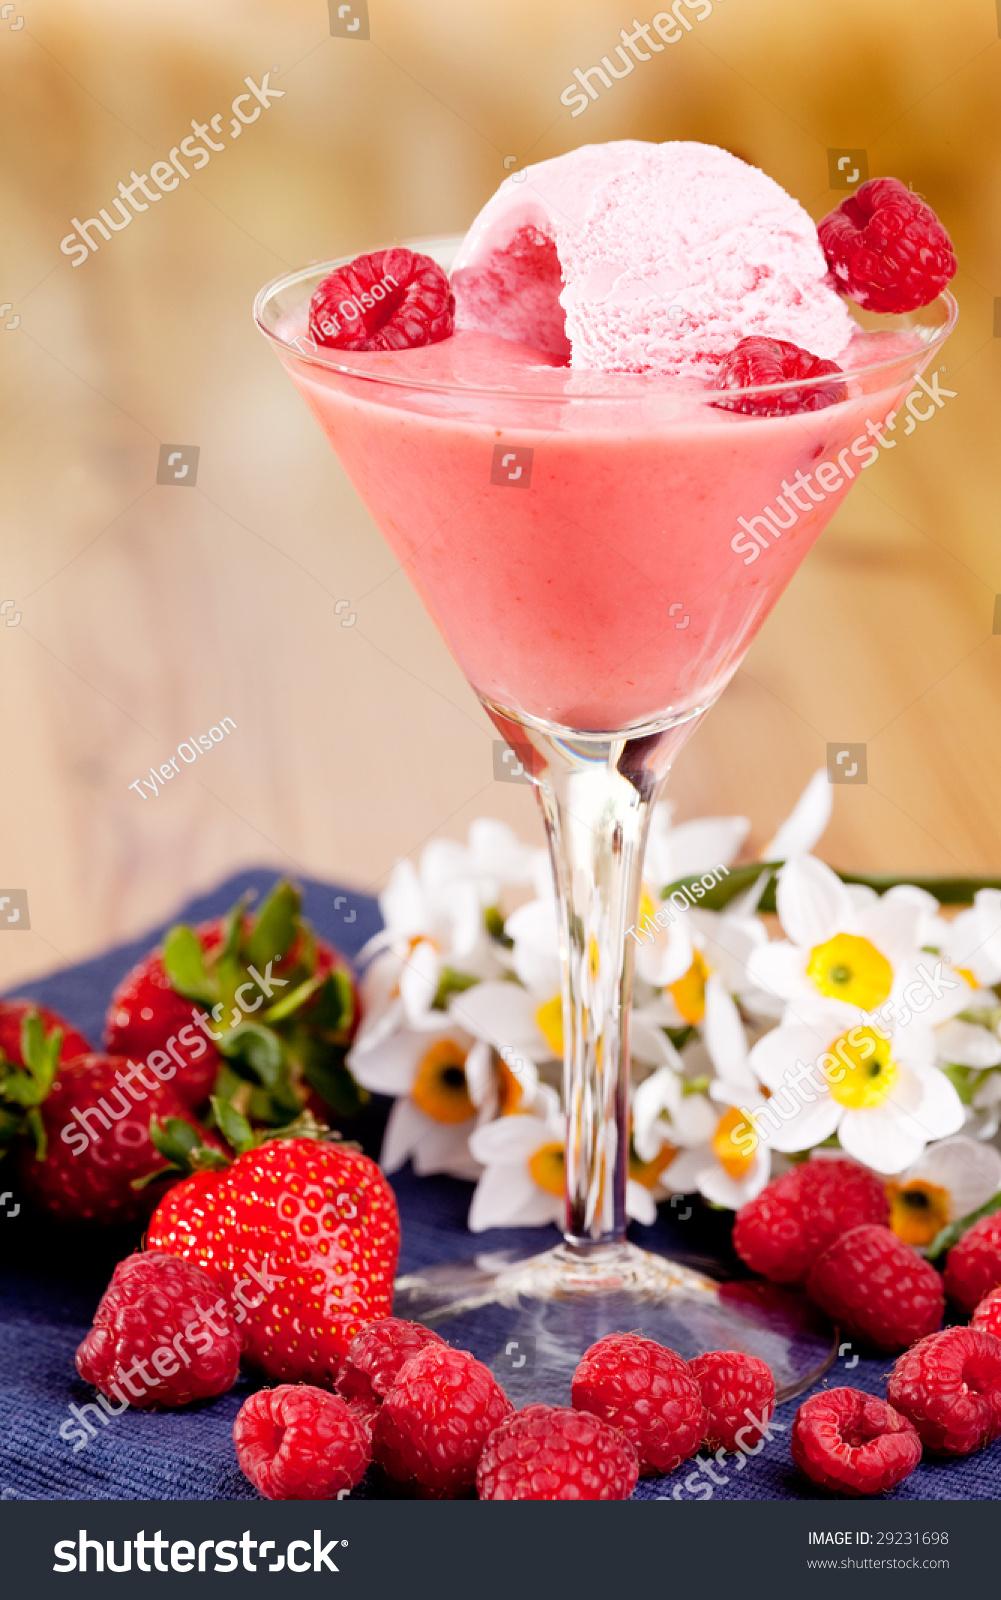 Как из мороженого с ягодами сделать коктейль